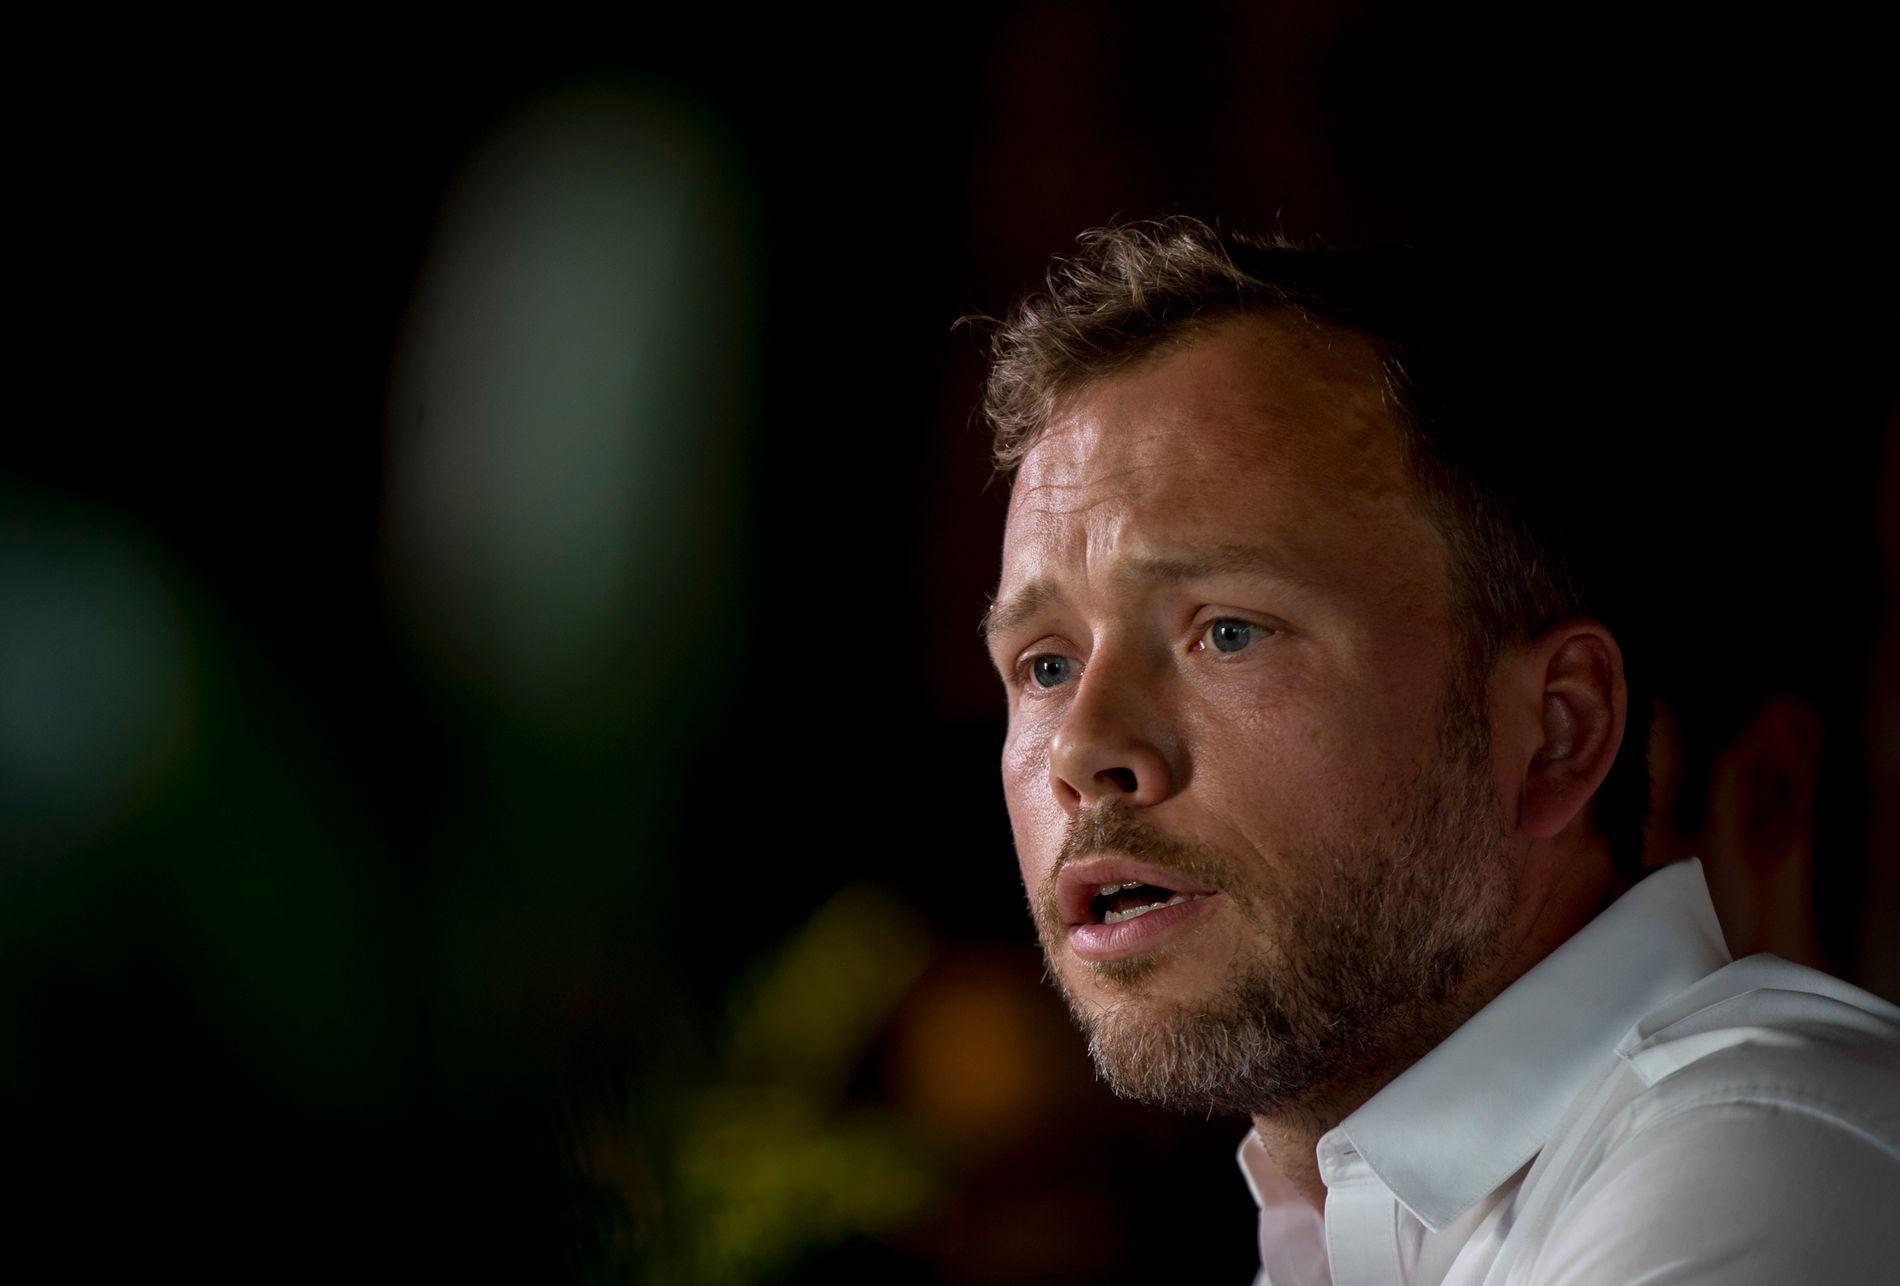 MER SKATT: SV-leder Audun Lysbakken vil øke skattene for dem med «superhøye inntekter», skriver innsender.